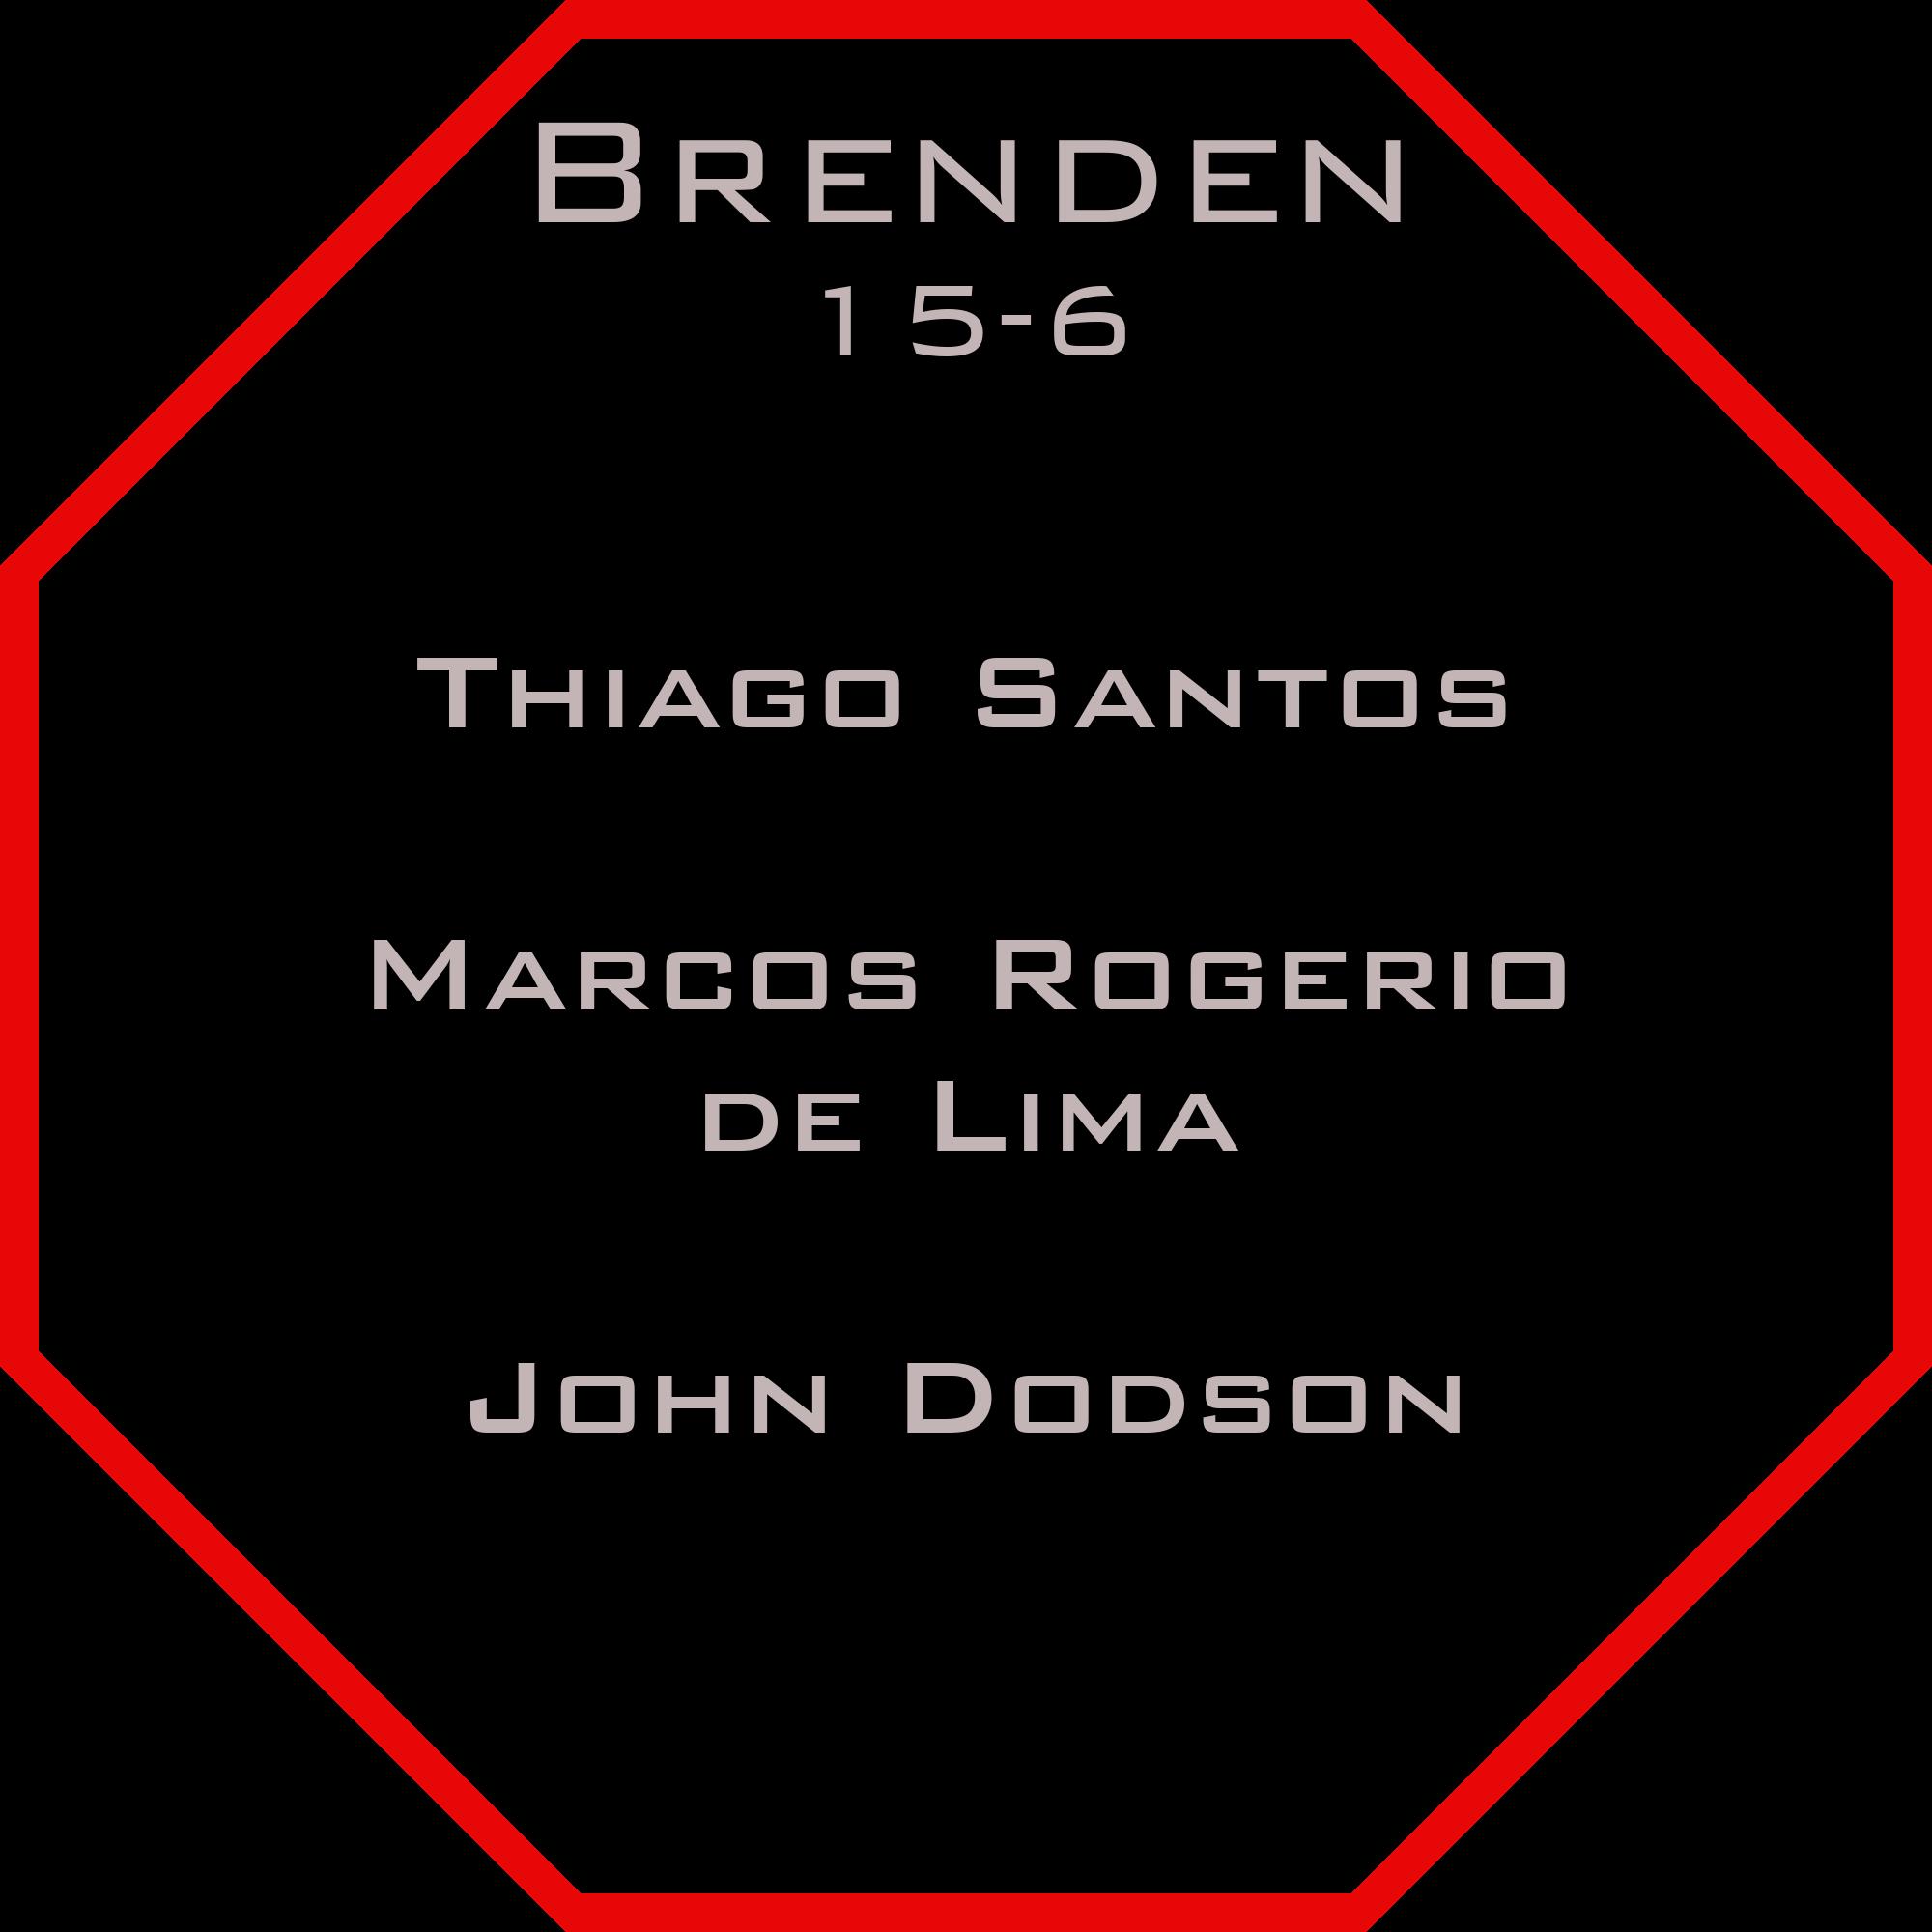 Brenden prague.png